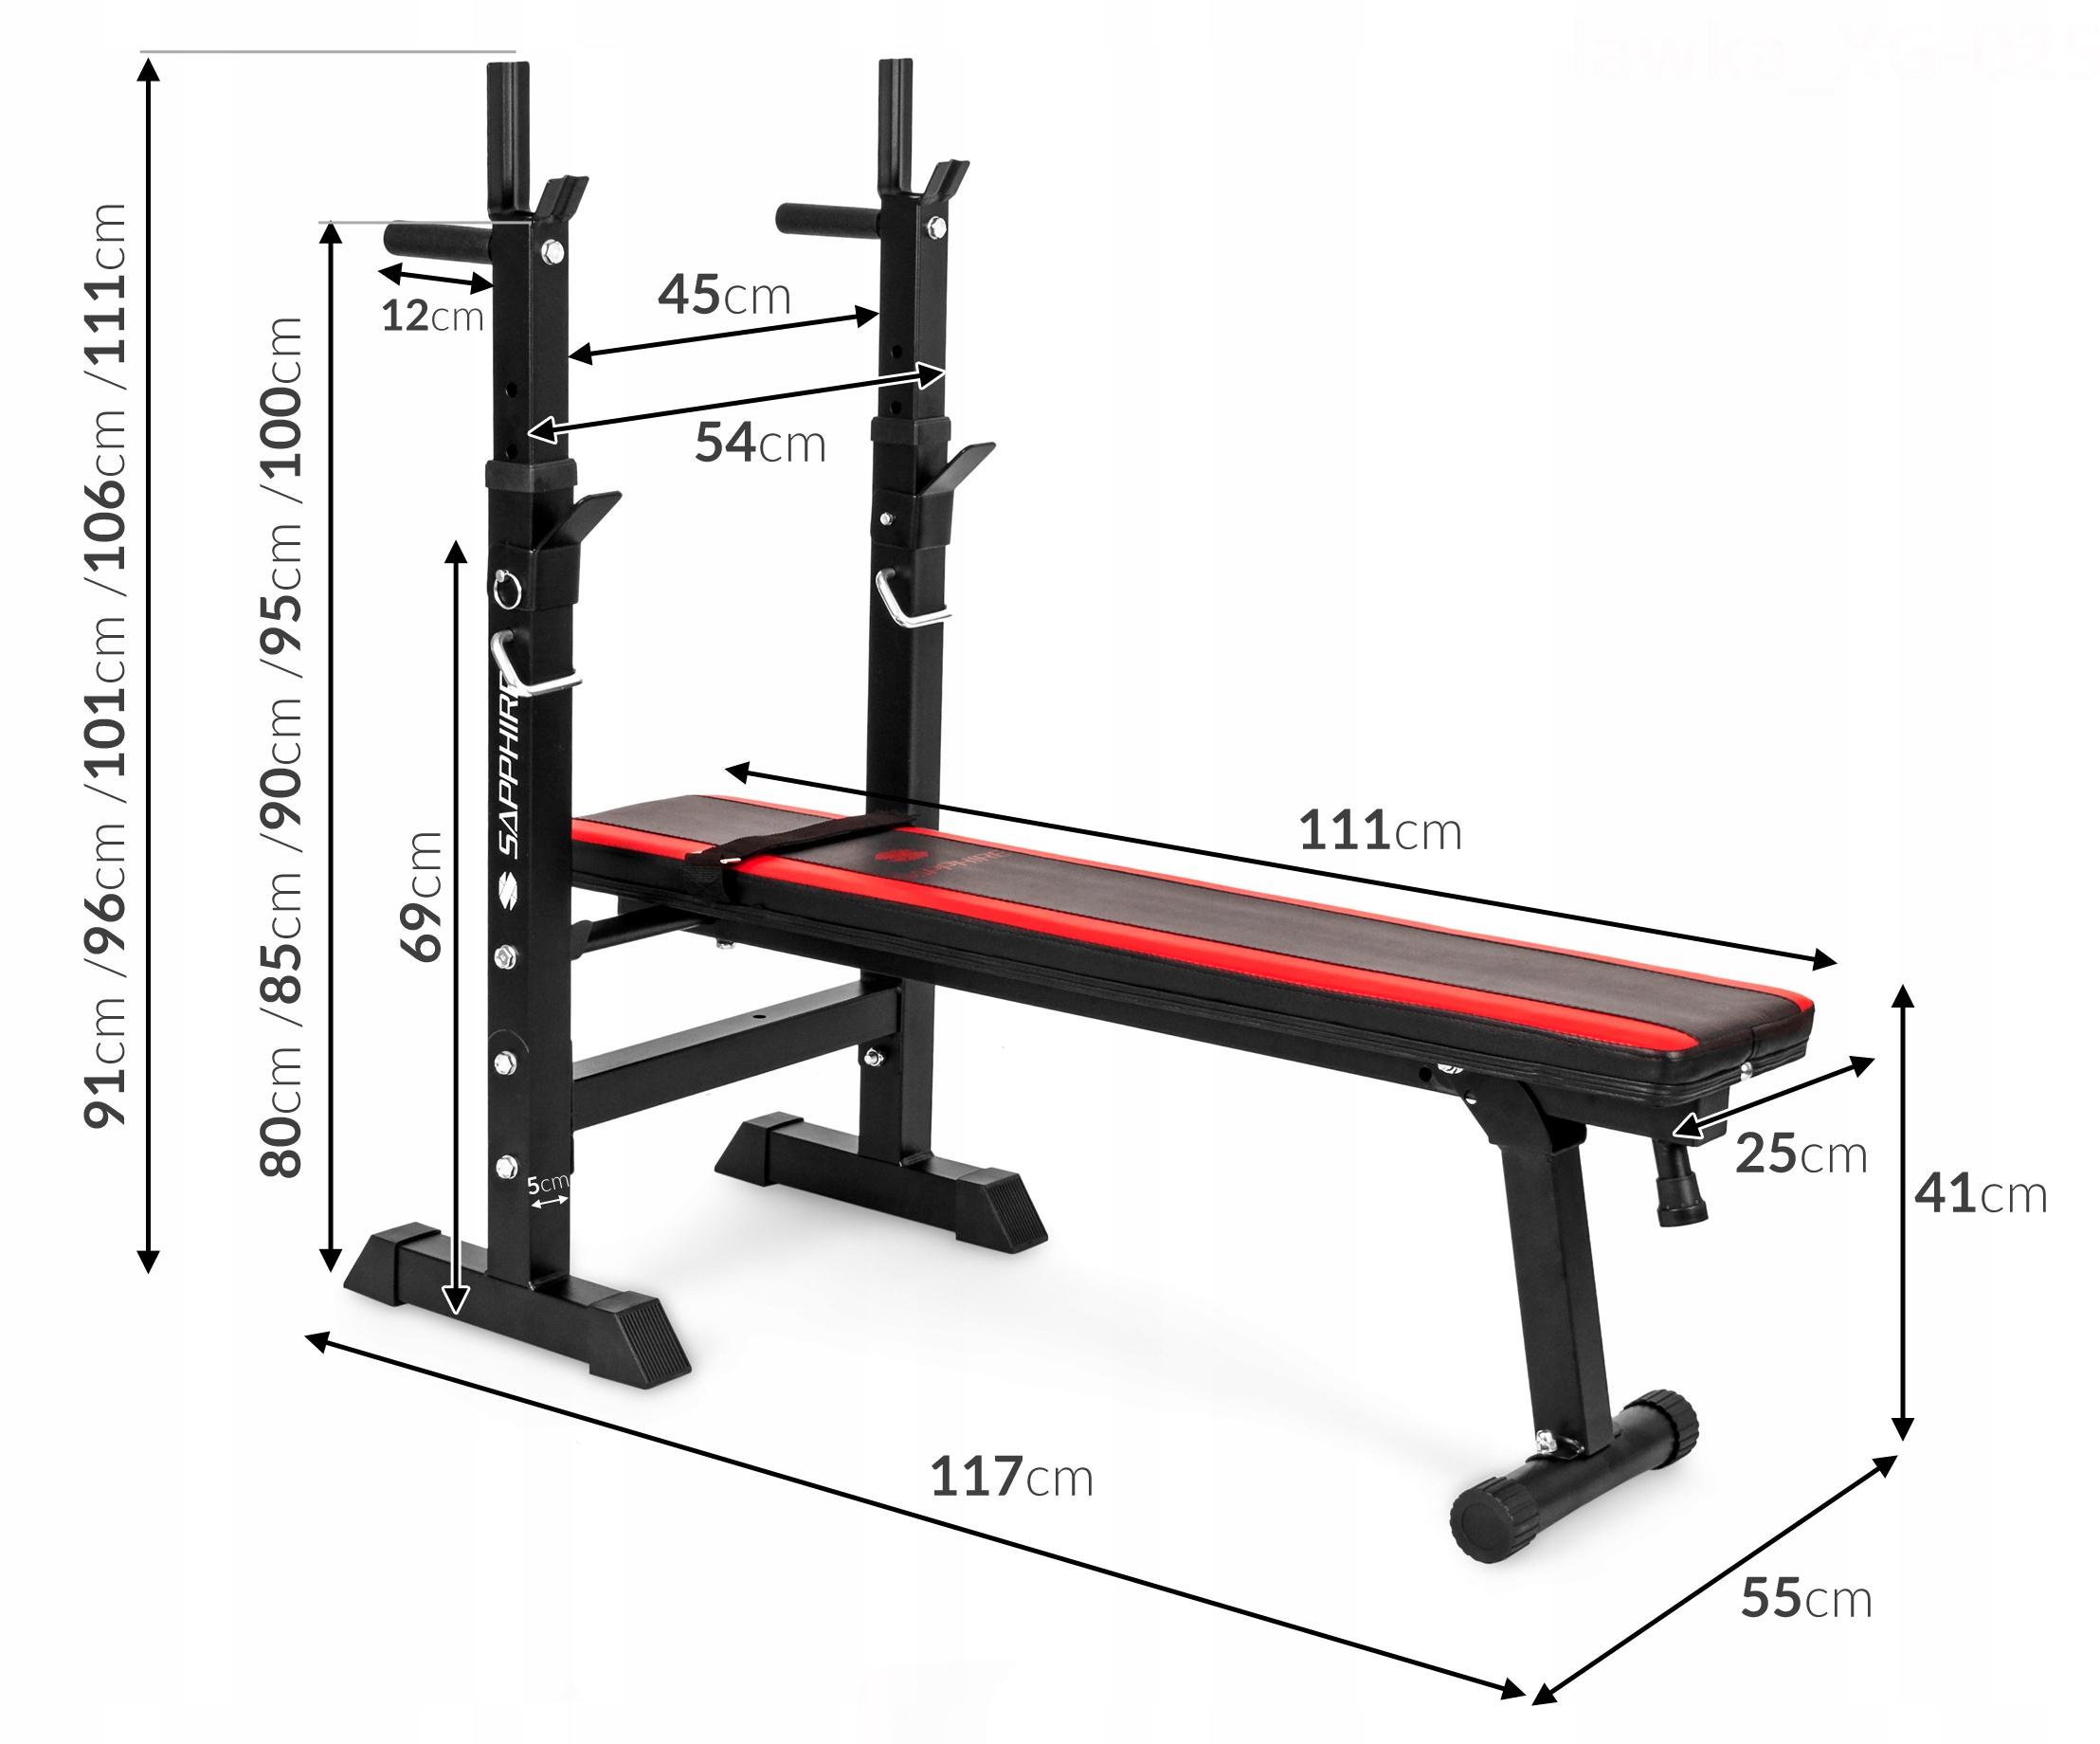 XYLO siłownia 82 kg zestaw ŁAWKA+GRYFY+OBCIĄŻENIA Waga produktu z opakowaniem jednostkowym 82 kg